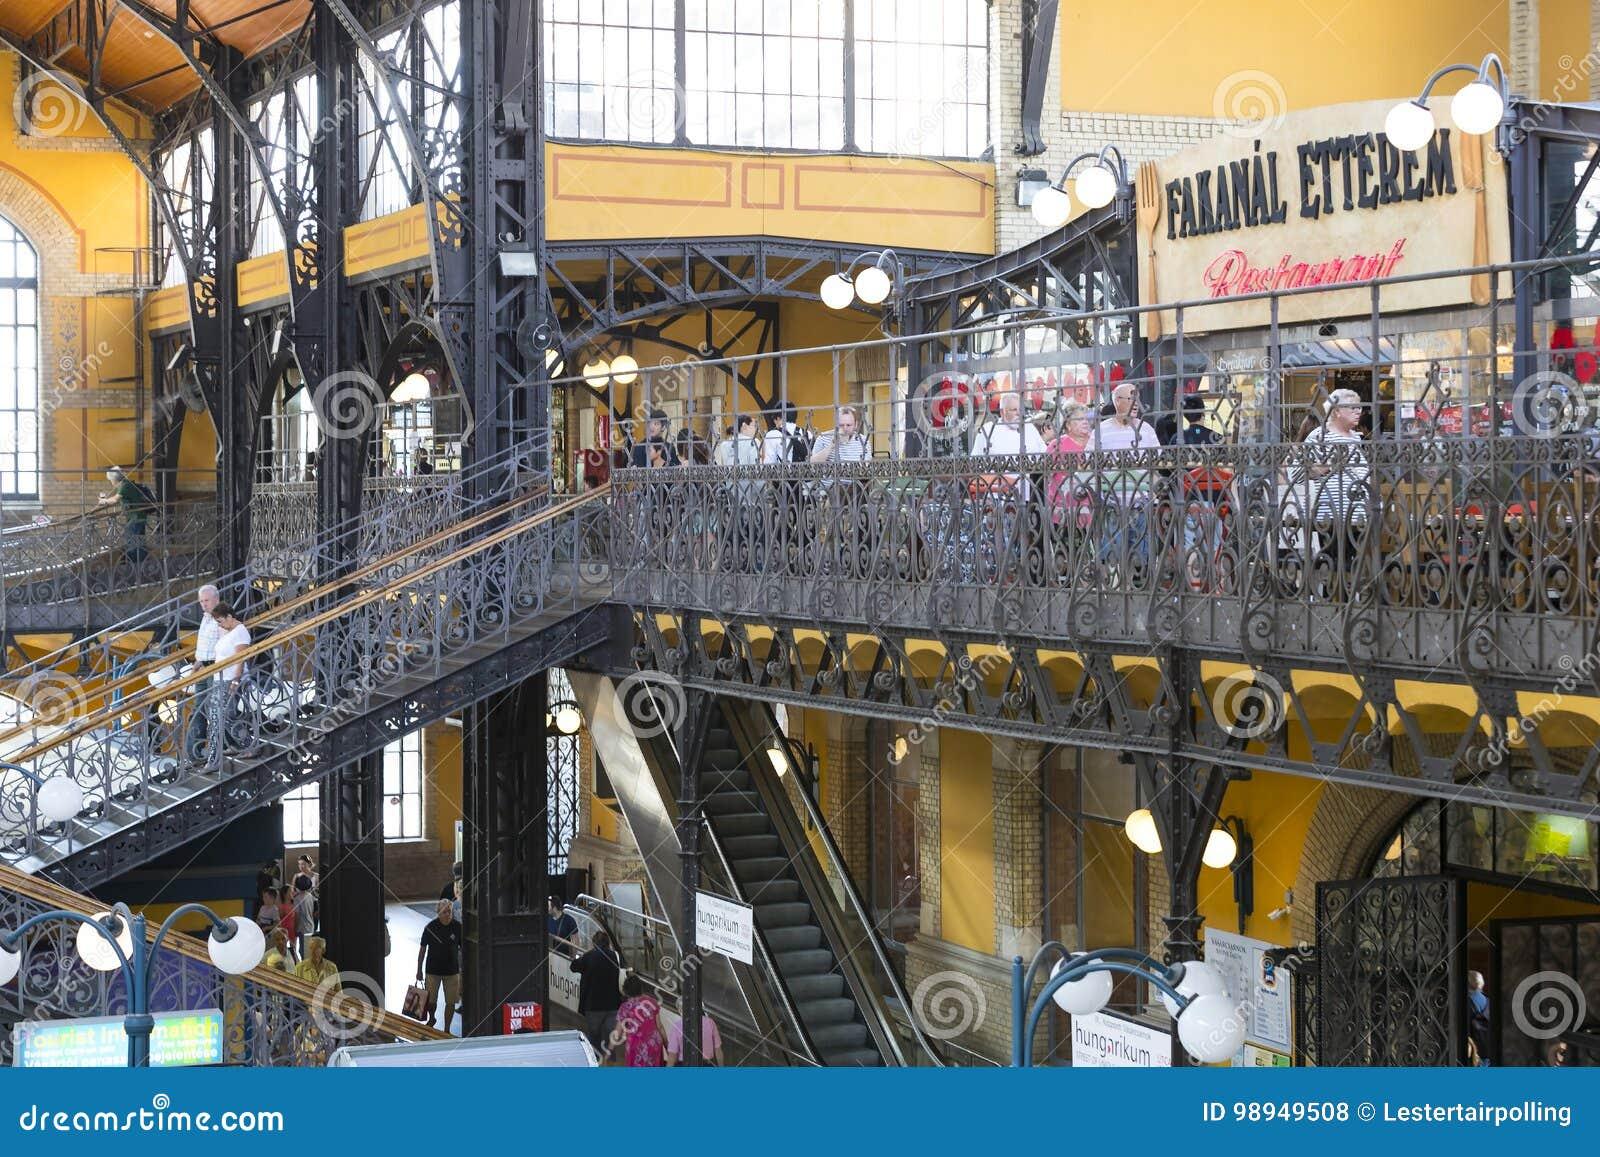 布达佩斯大主要市场,地方参观纪念品辣椒粉的香肠购买的游人